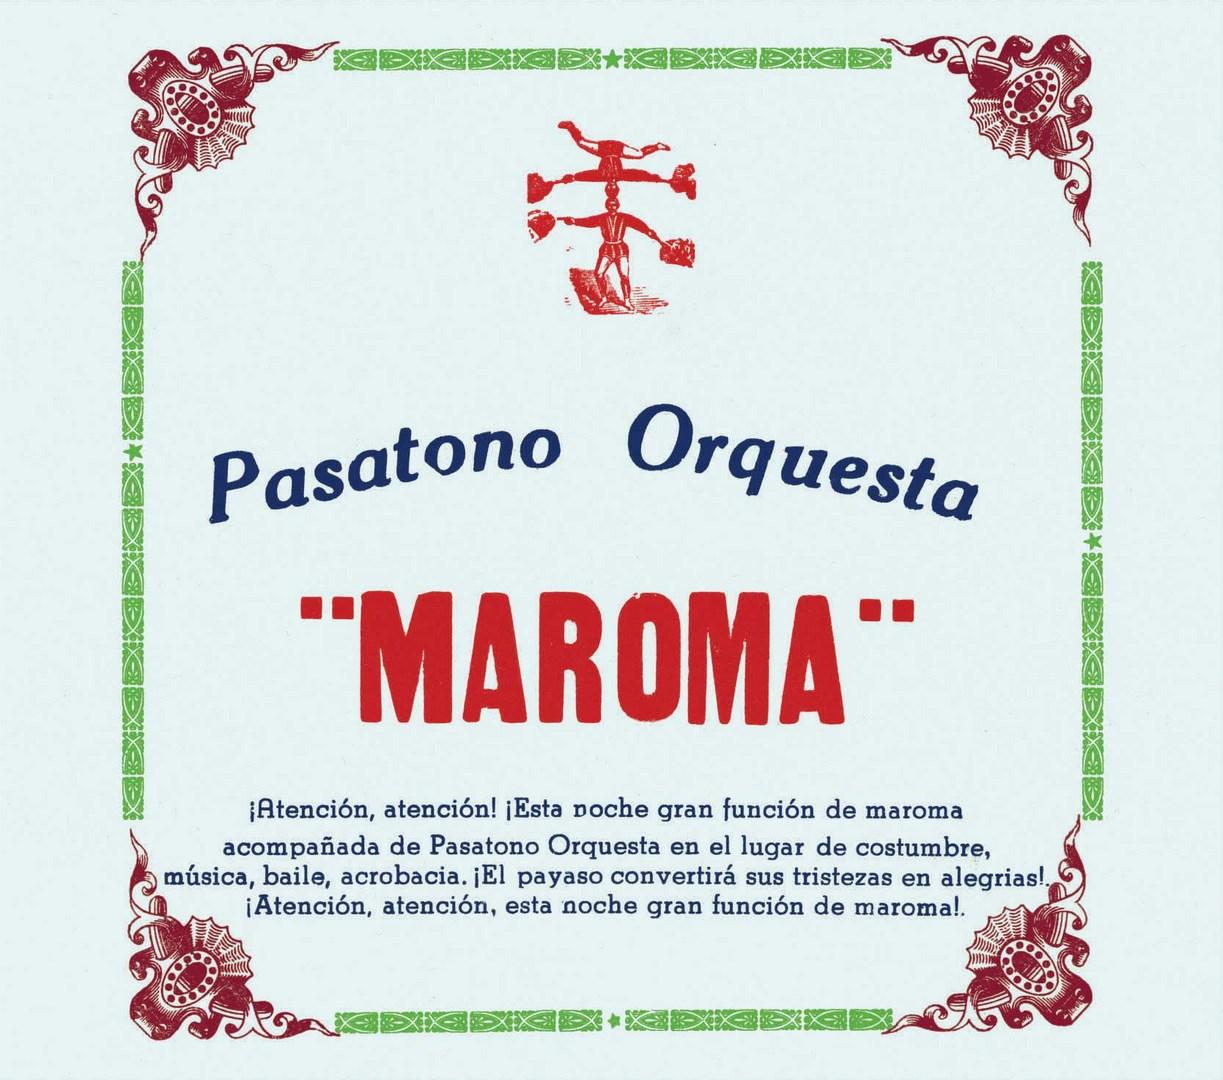 Maroma - Pasatono Orquesta